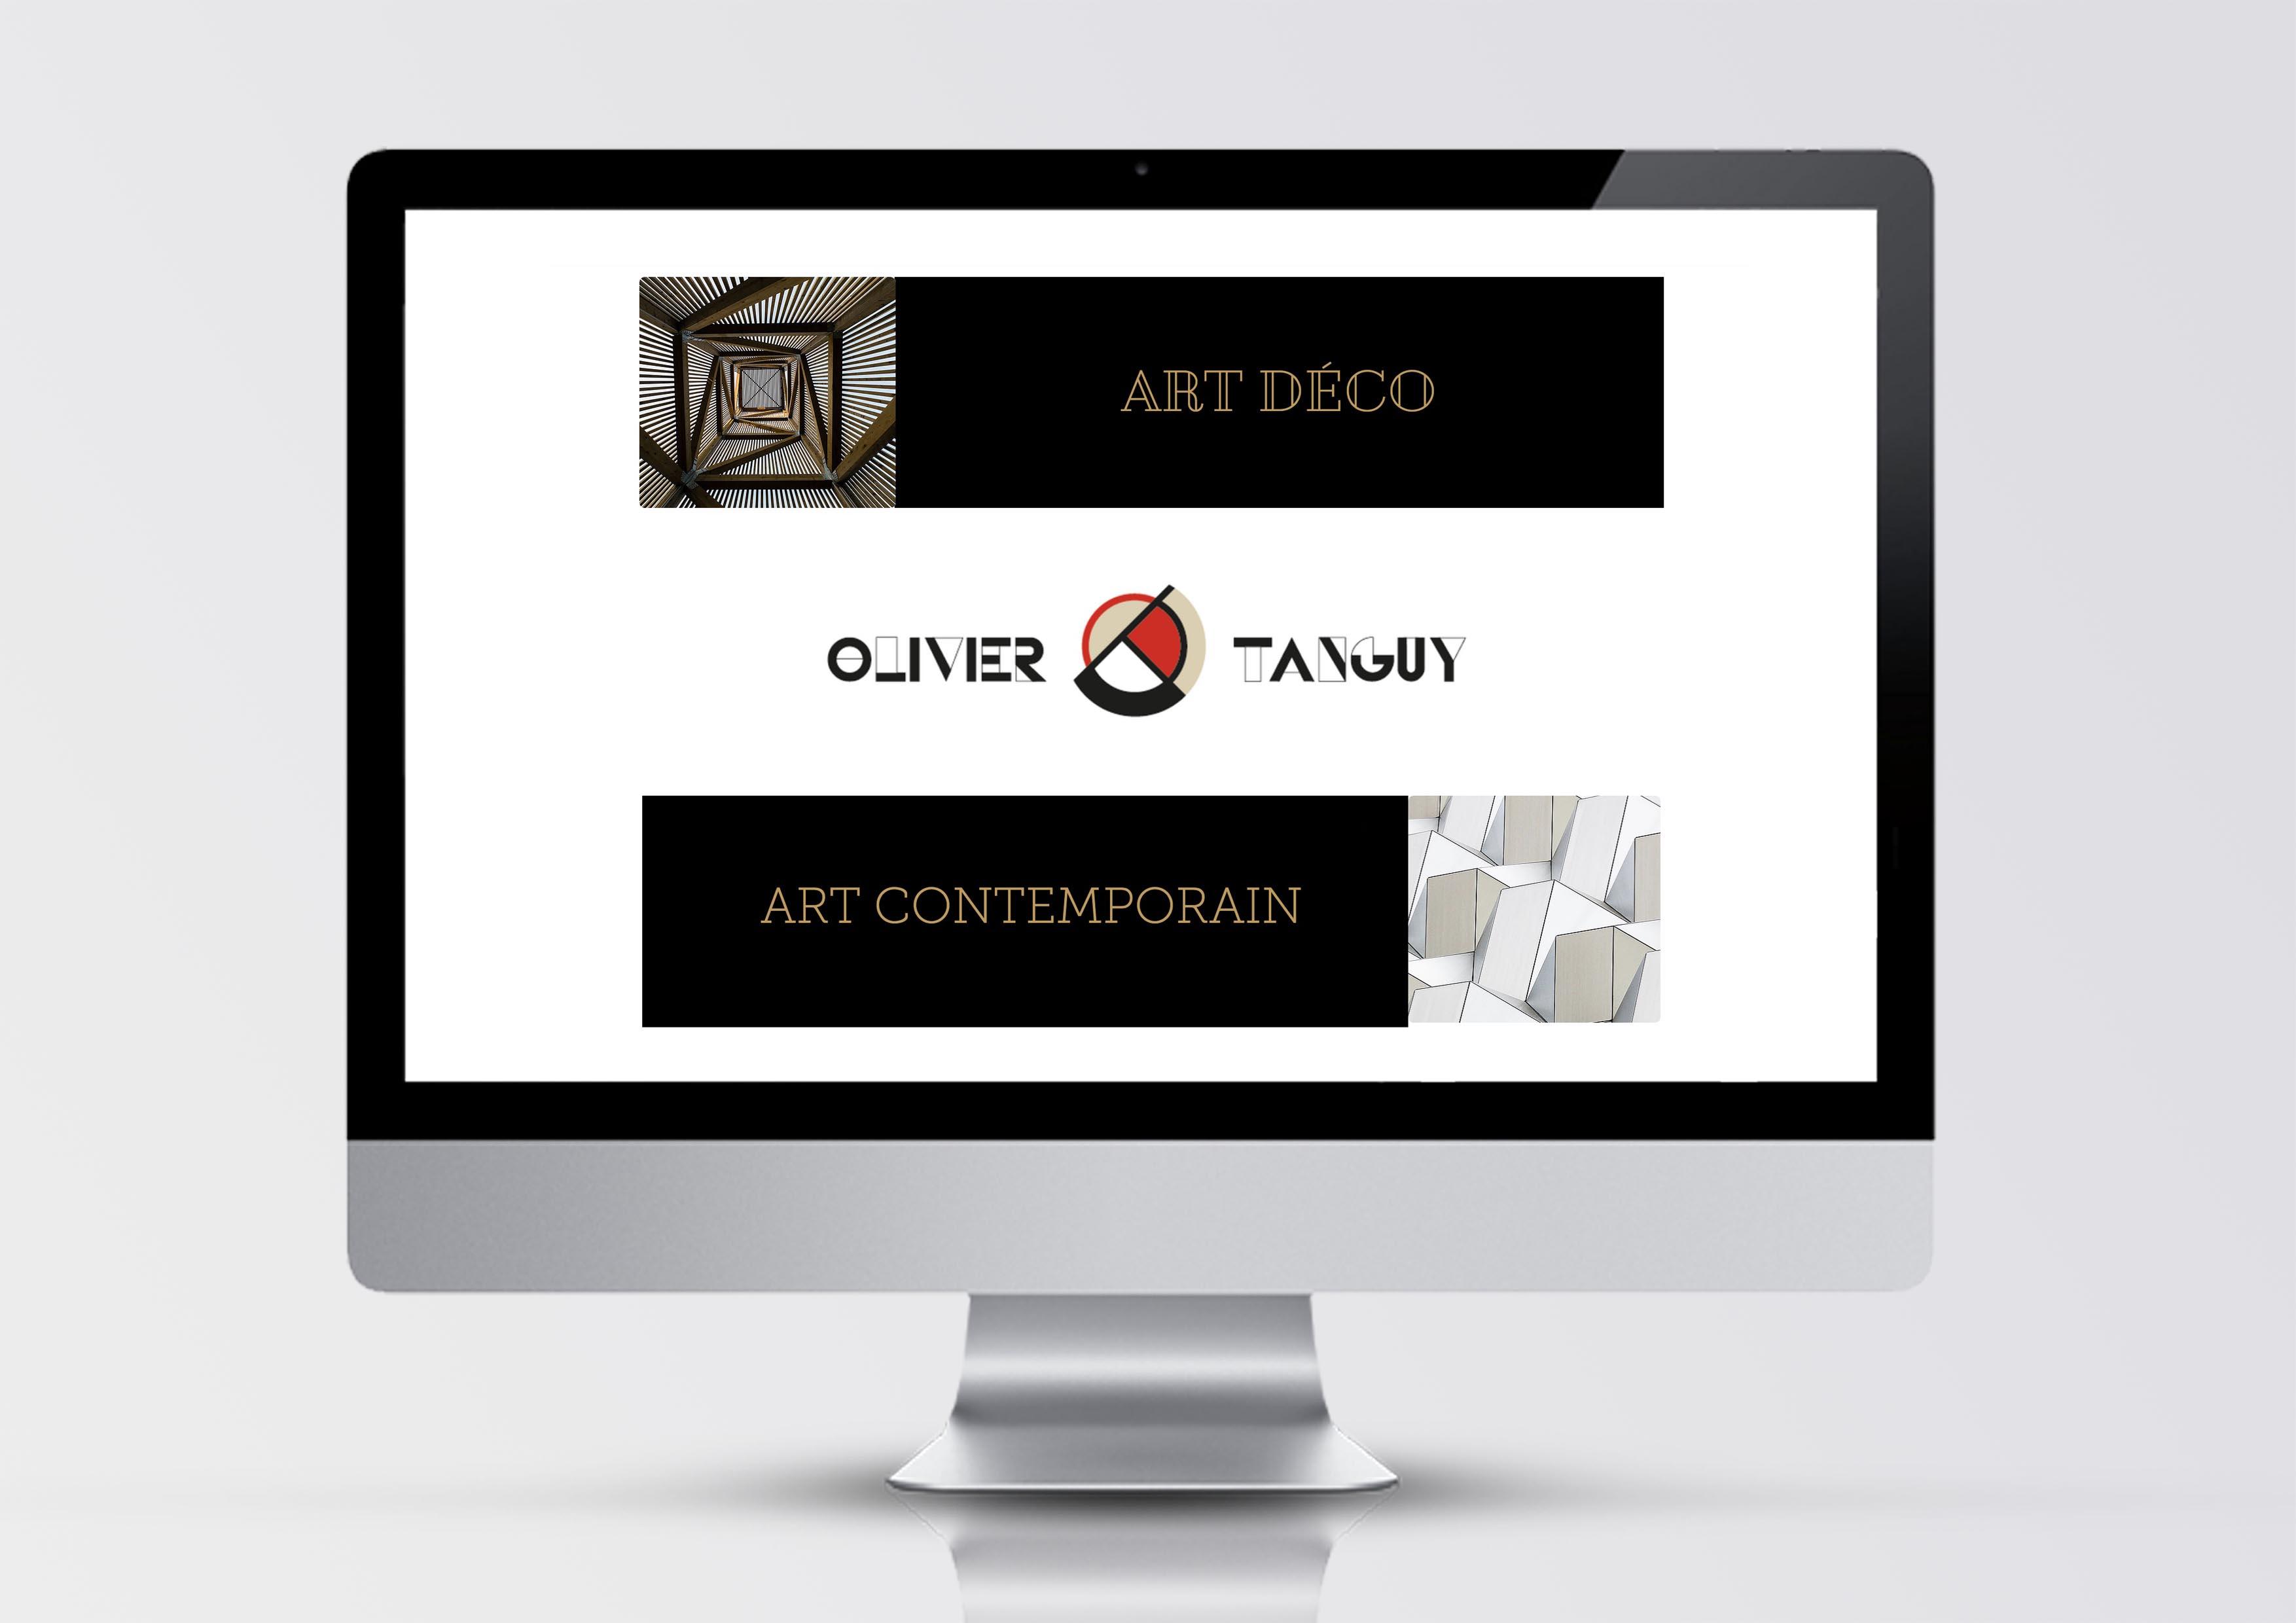 Web design Olivier Tanguy